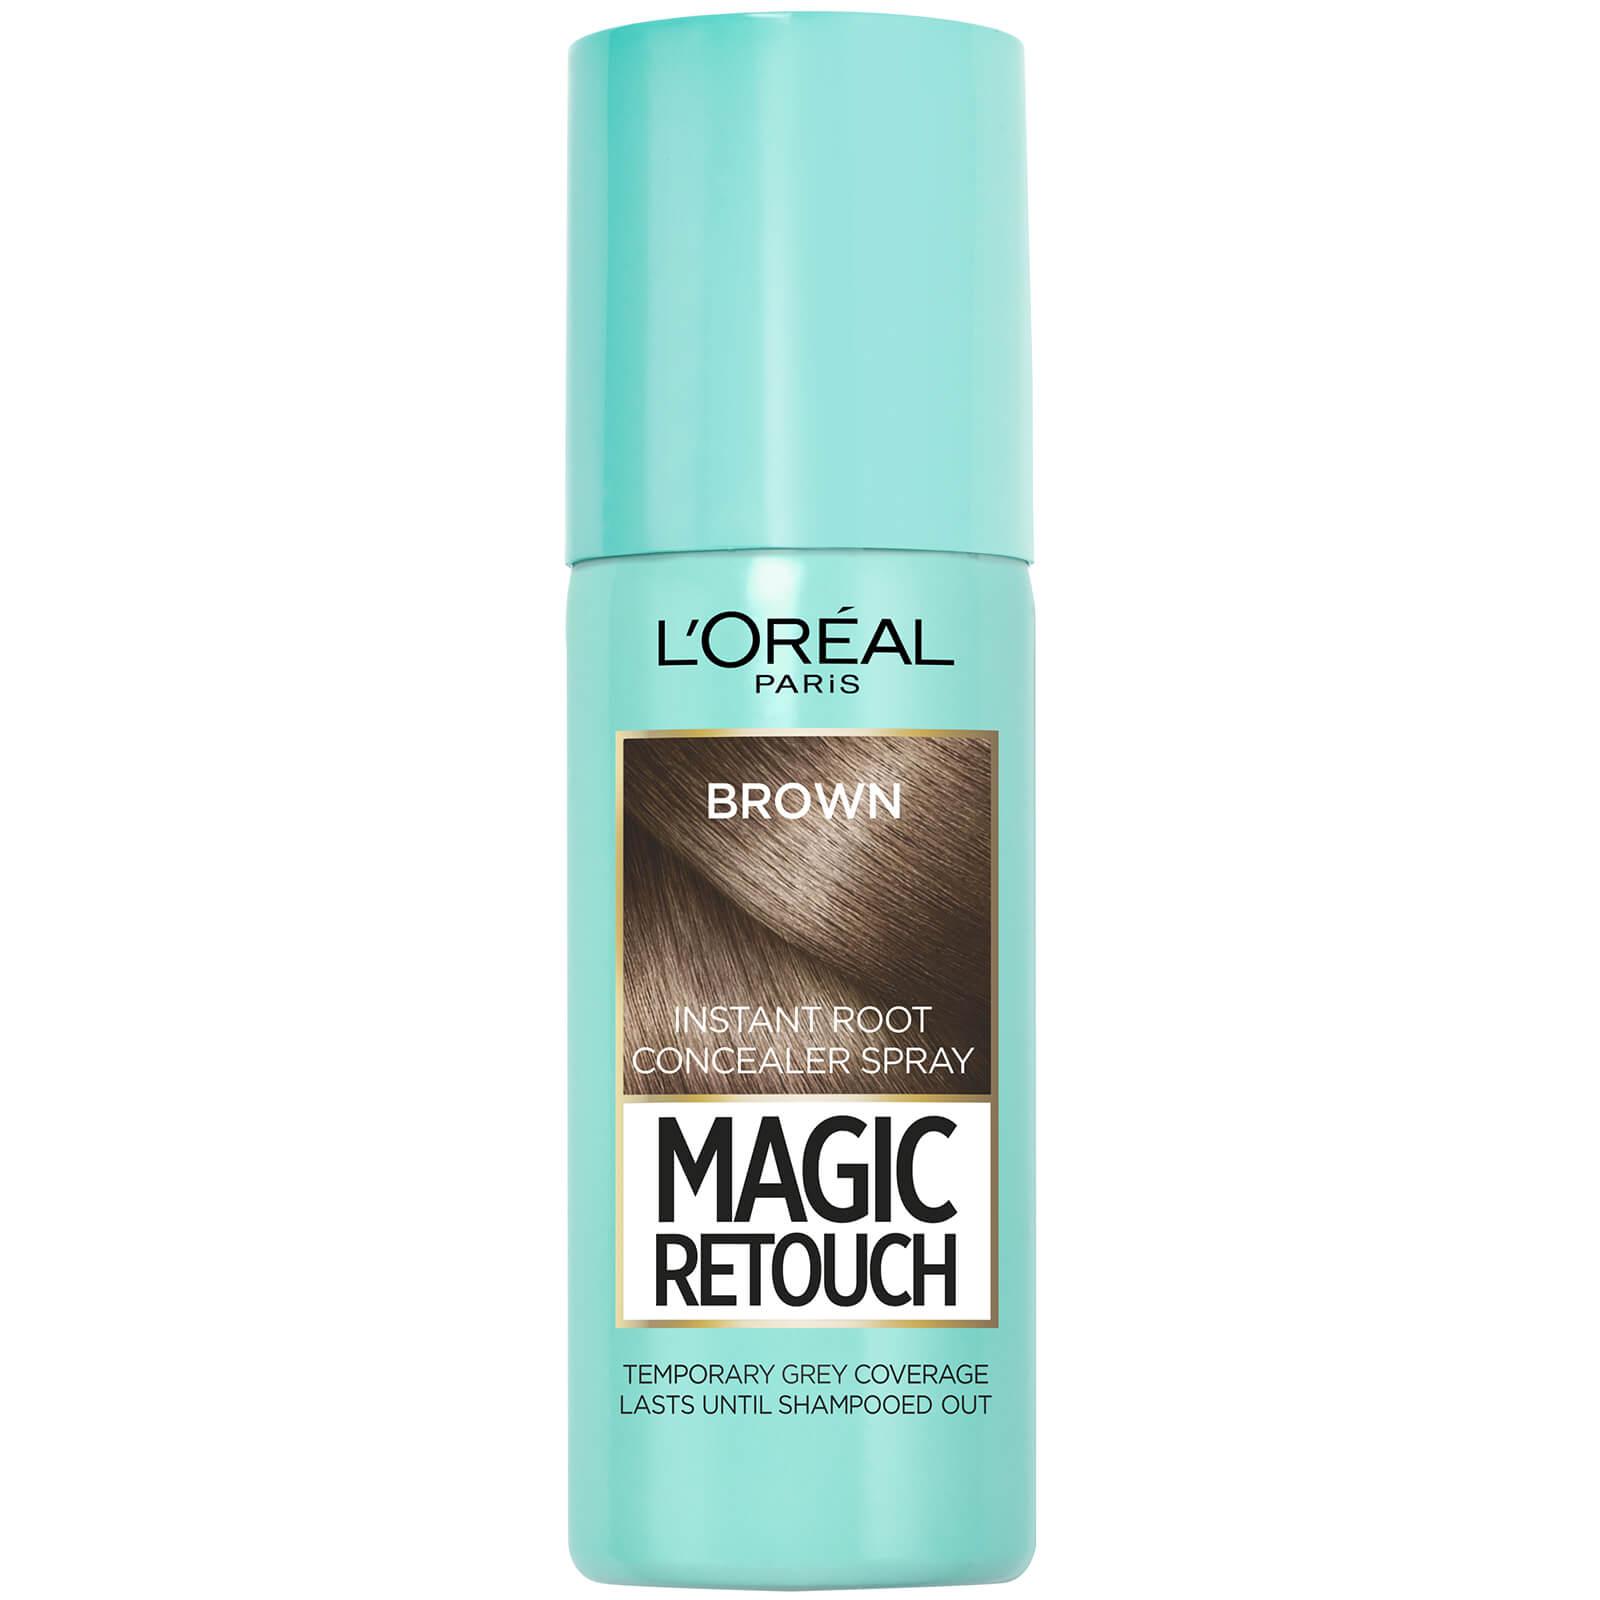 L'Oréal Paris Magic Retouch Root Touch Up - Brown 75ml